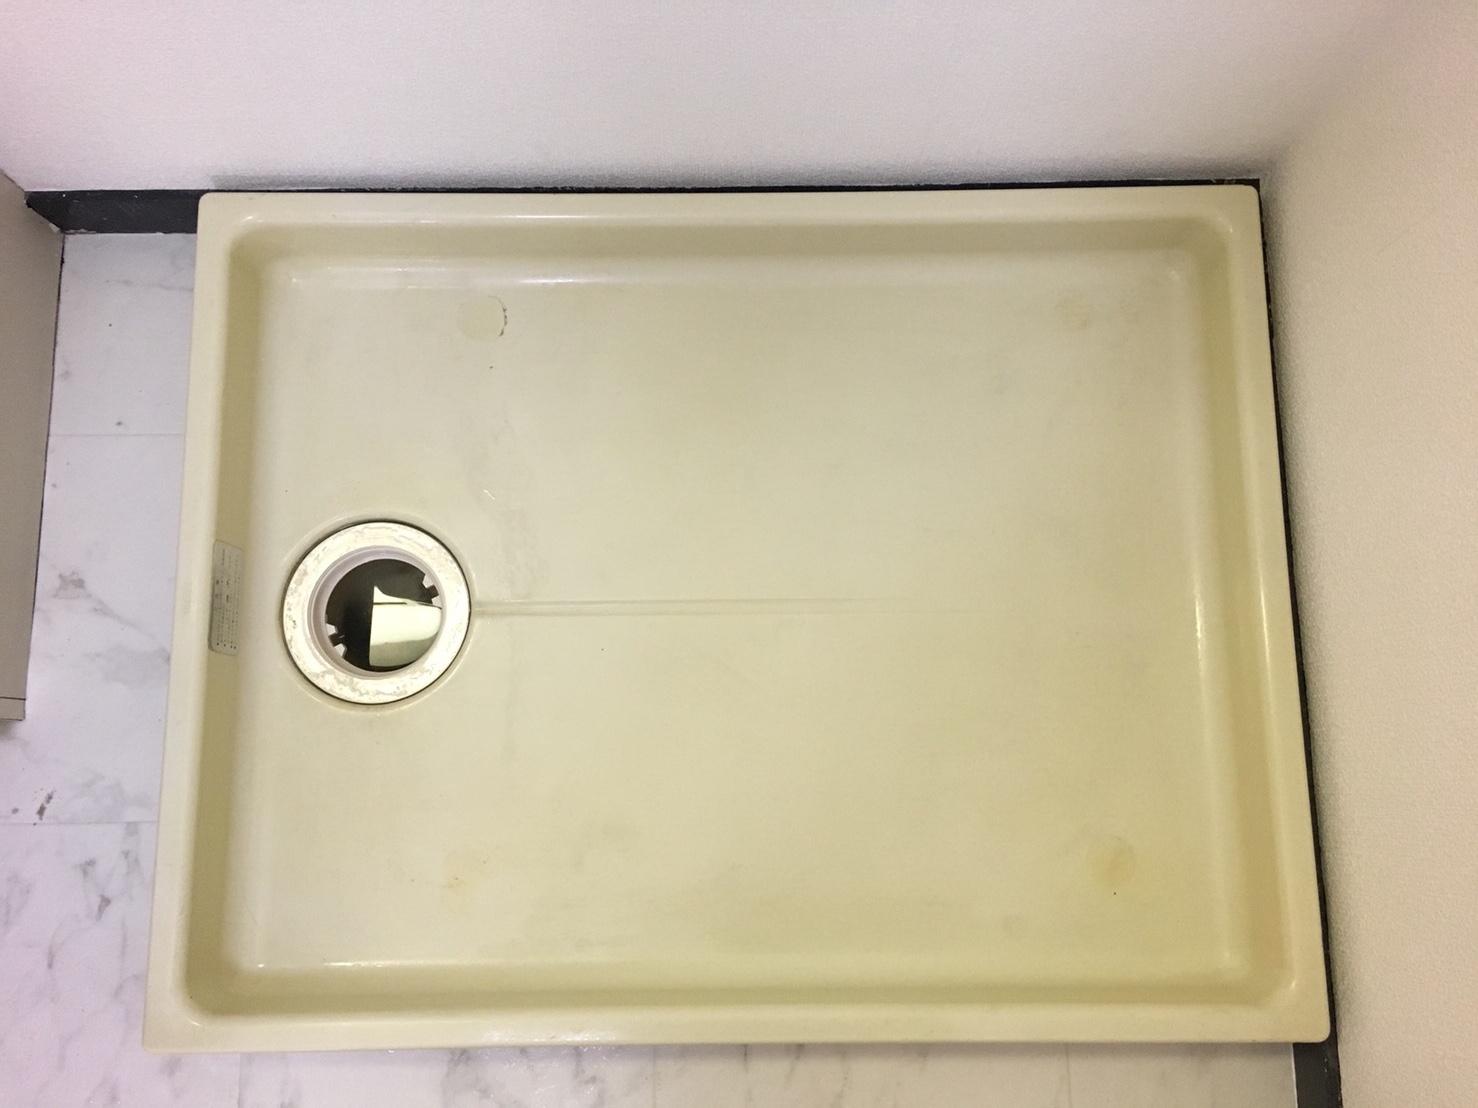 伊丹・宝塚・川西市/洗濯機・洗濯機パンの清掃/ほこりや汚れを清掃!ハウスクリーニングはおそうじプラスへ